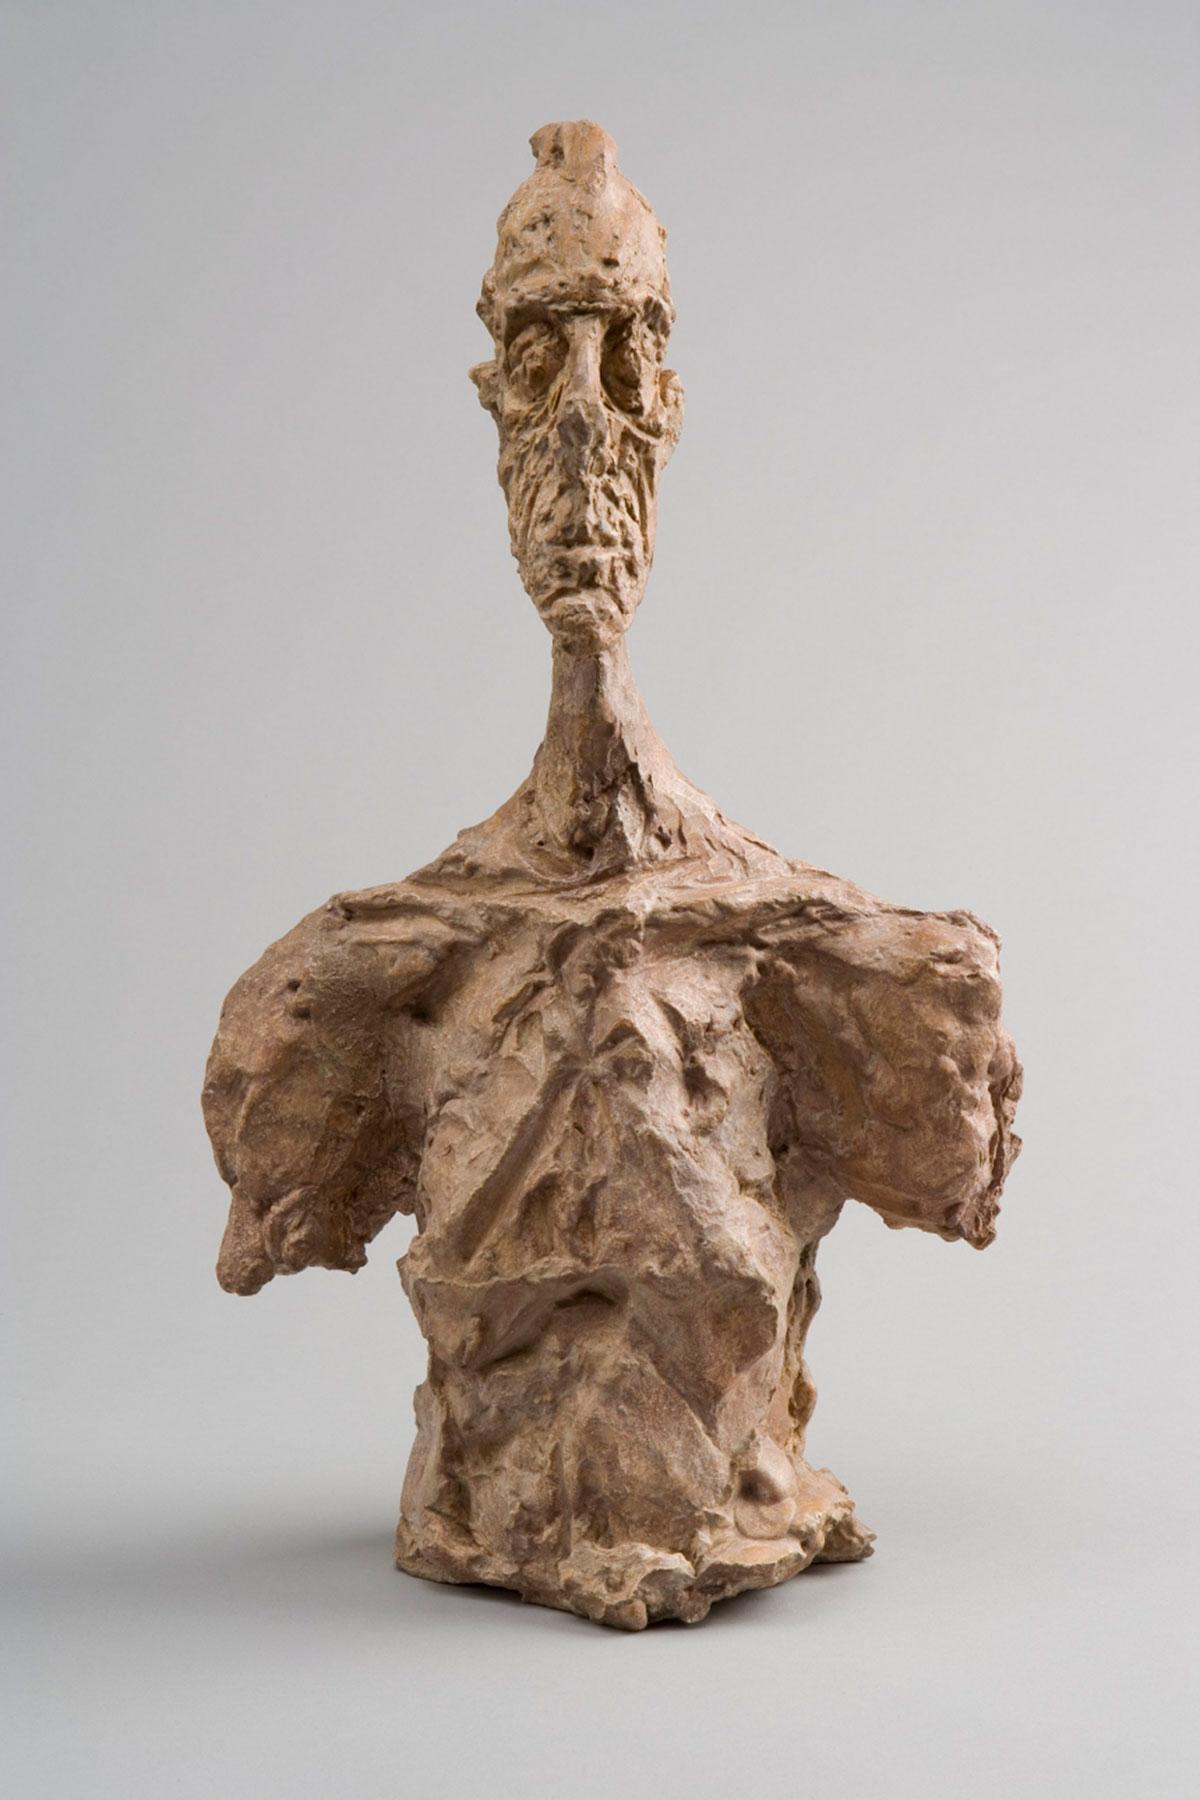 Bust of Diego c.1956 Collection Fondation Alberto et Annette Giacometti, Paris © Alberto Giacometti Estate, ACS/DACS, 2017